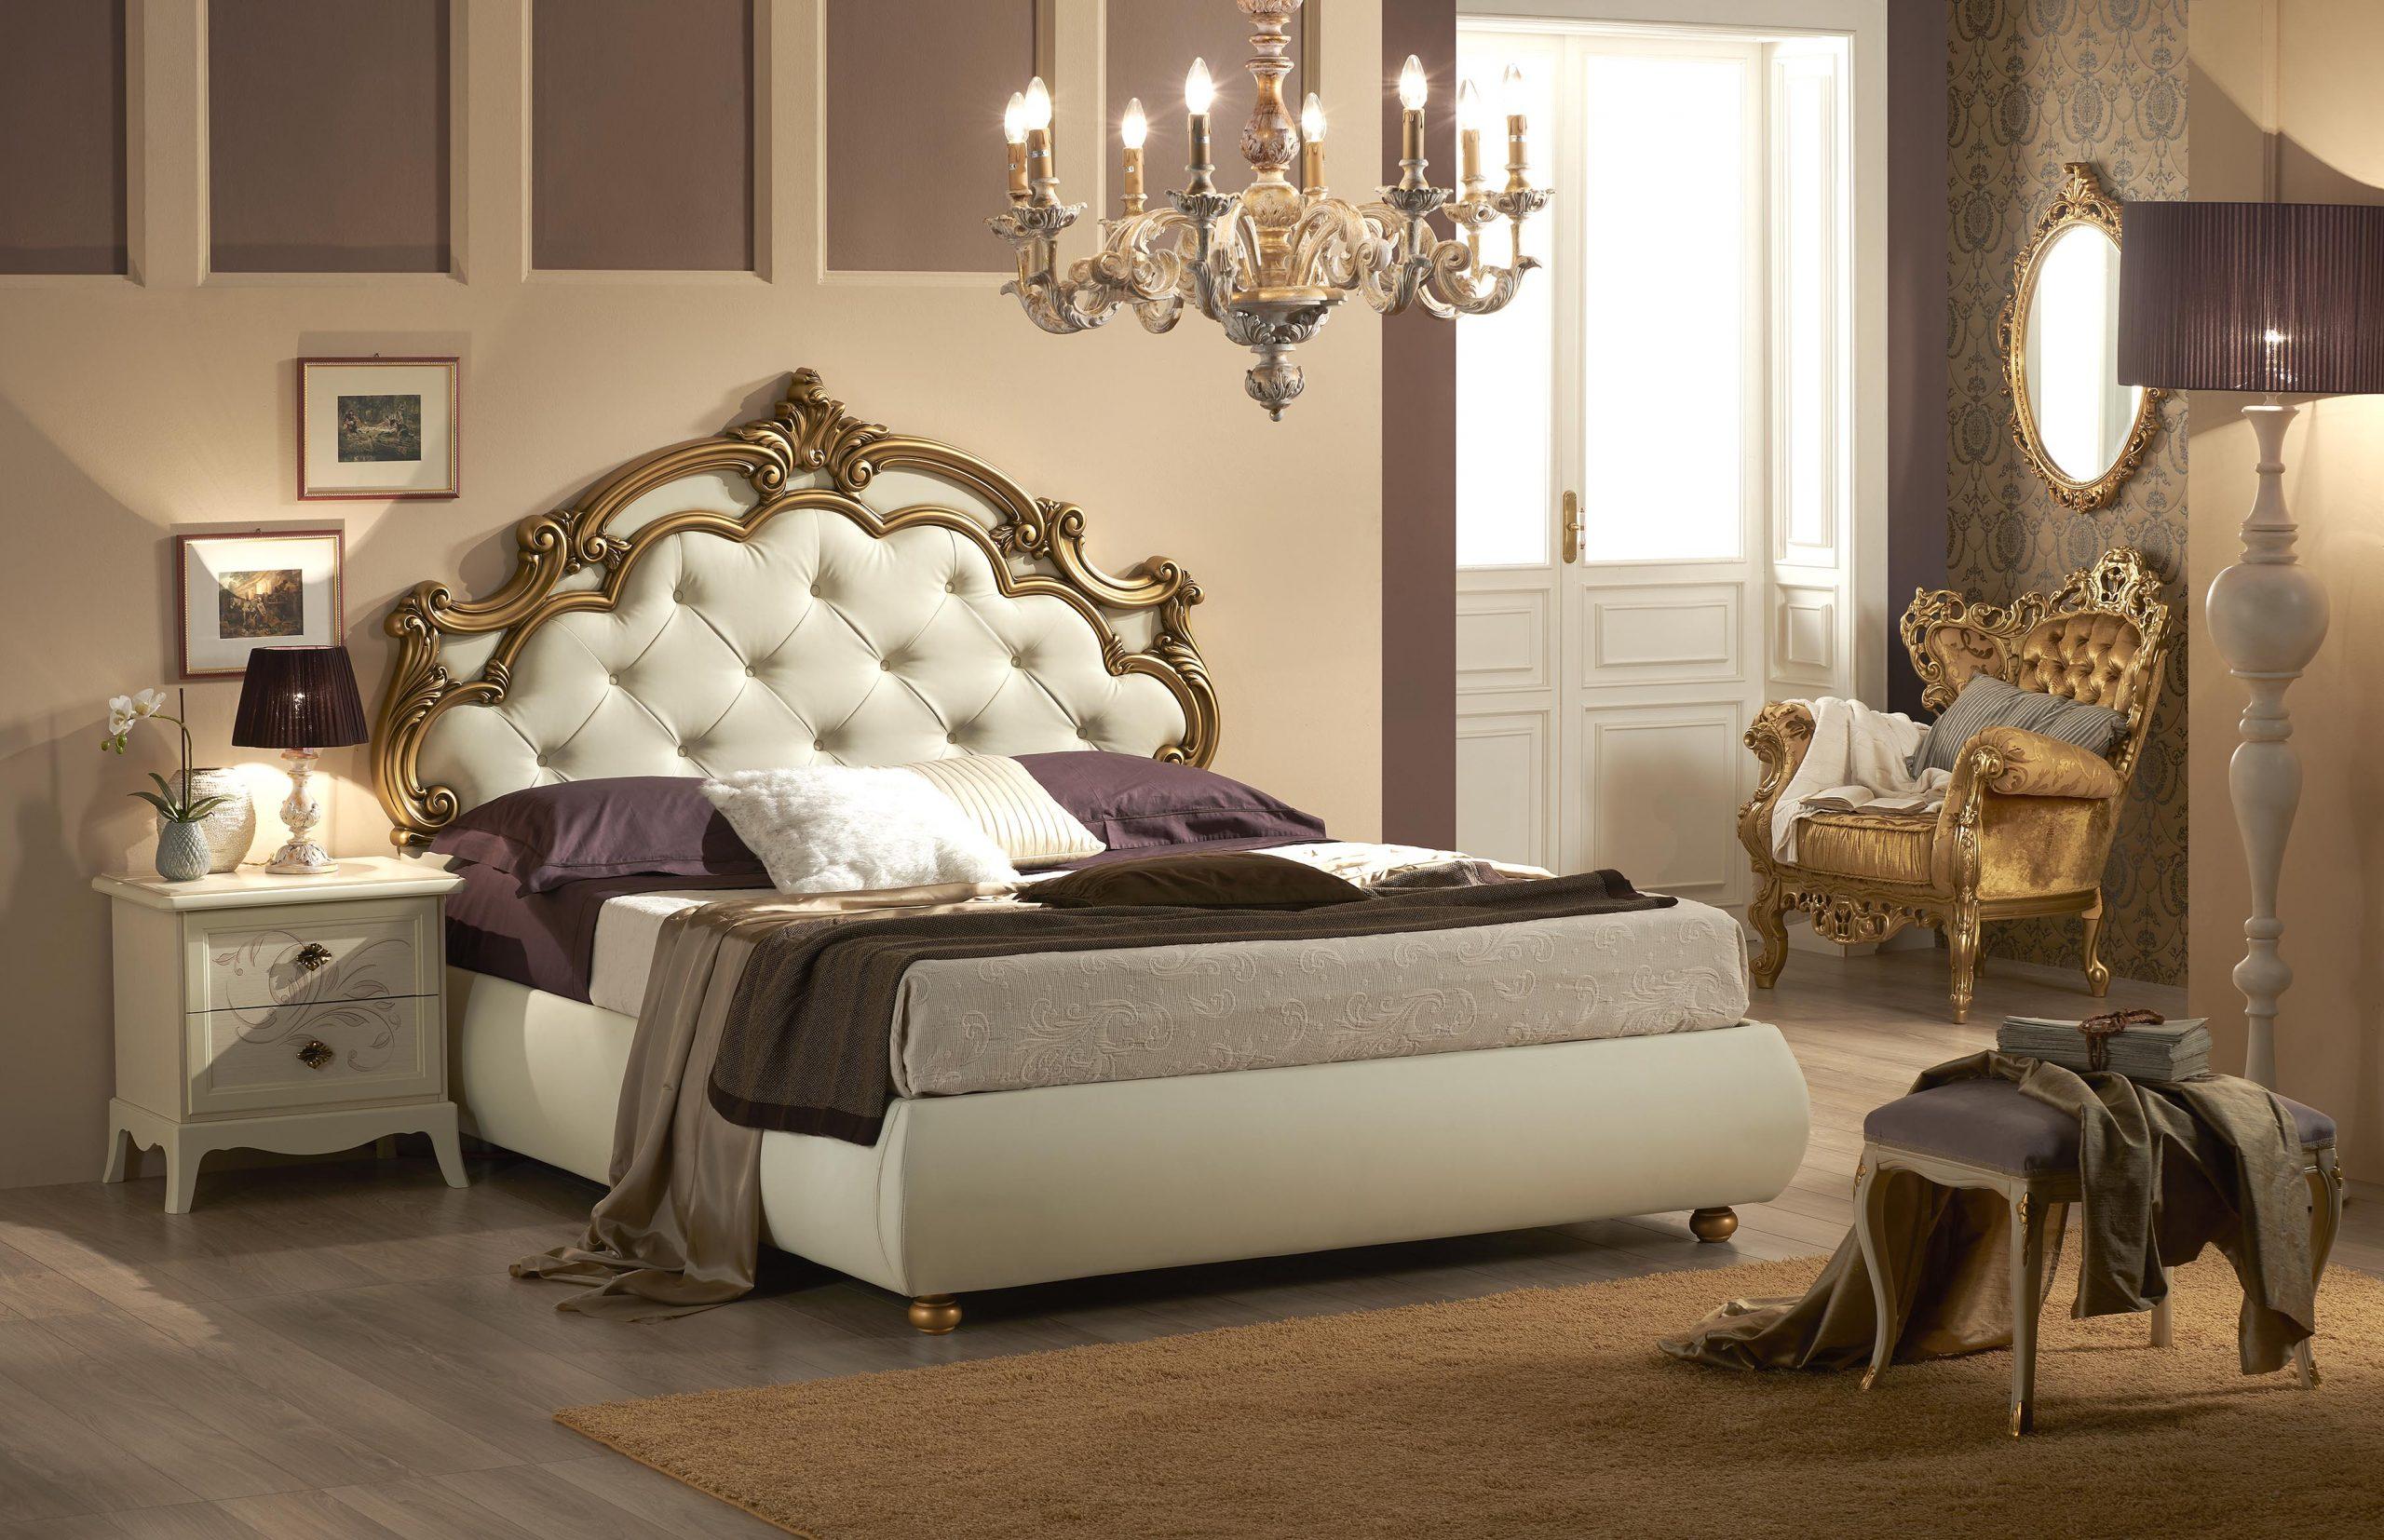 Full Size of Bett Mit Stauraum 160x200 Silvia In Beige Gold Luxus Design Cm Sil Dico Betten Aufbewahrung Schubladen 90x200 Weiß Bettkasten Rauch 180x200 Lattenrost Und Bett Bett Mit Stauraum 160x200